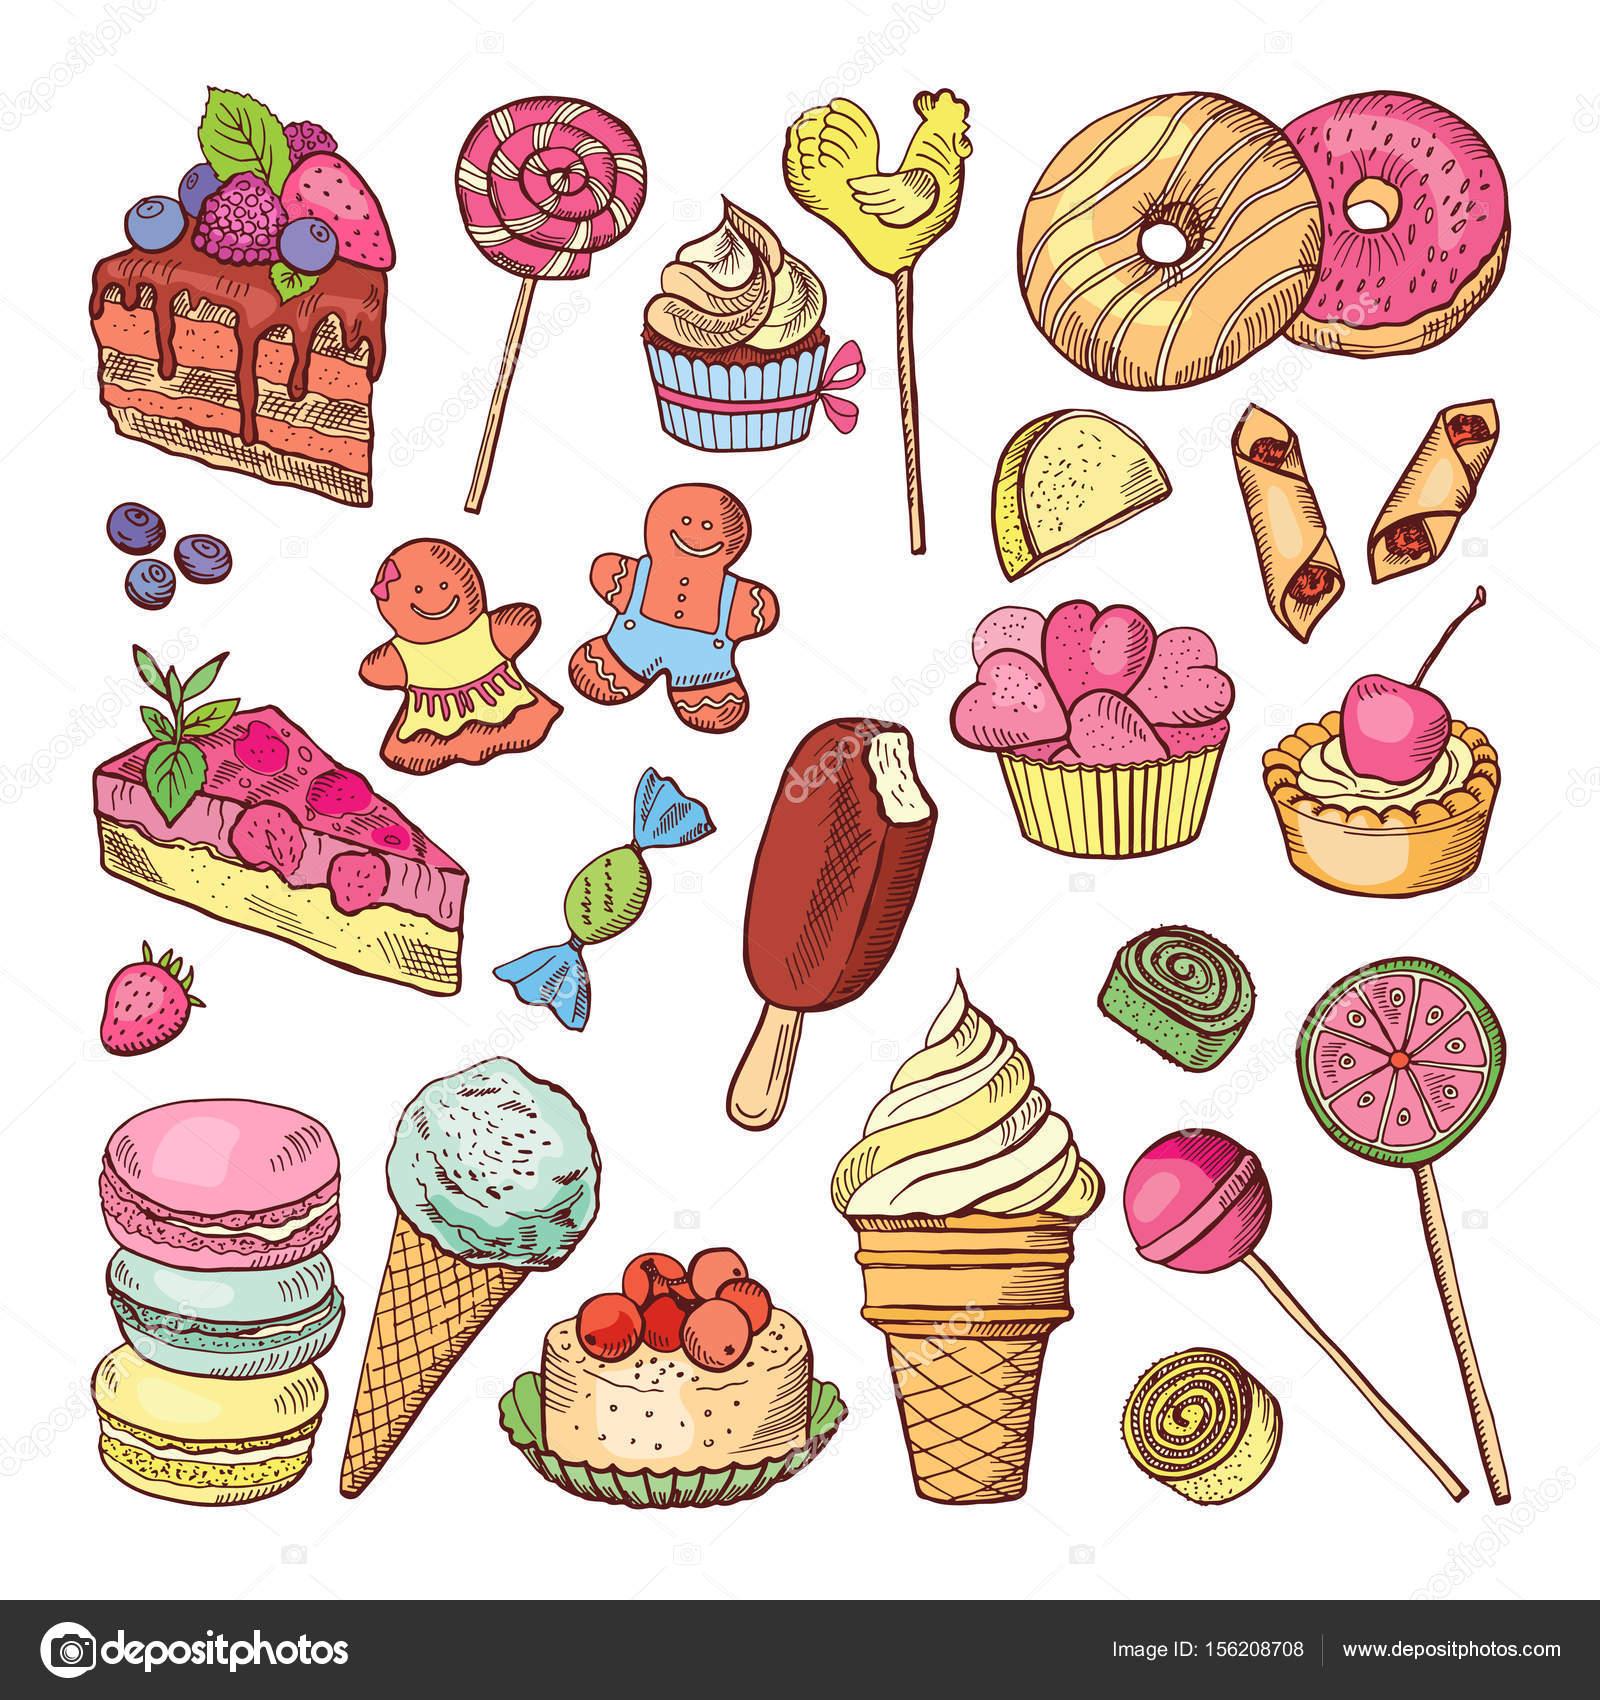 Coloriage Gateau Bonbon.Desserts De Mariage Les Gateaux De Bonbons Et Glaces Dessines A La